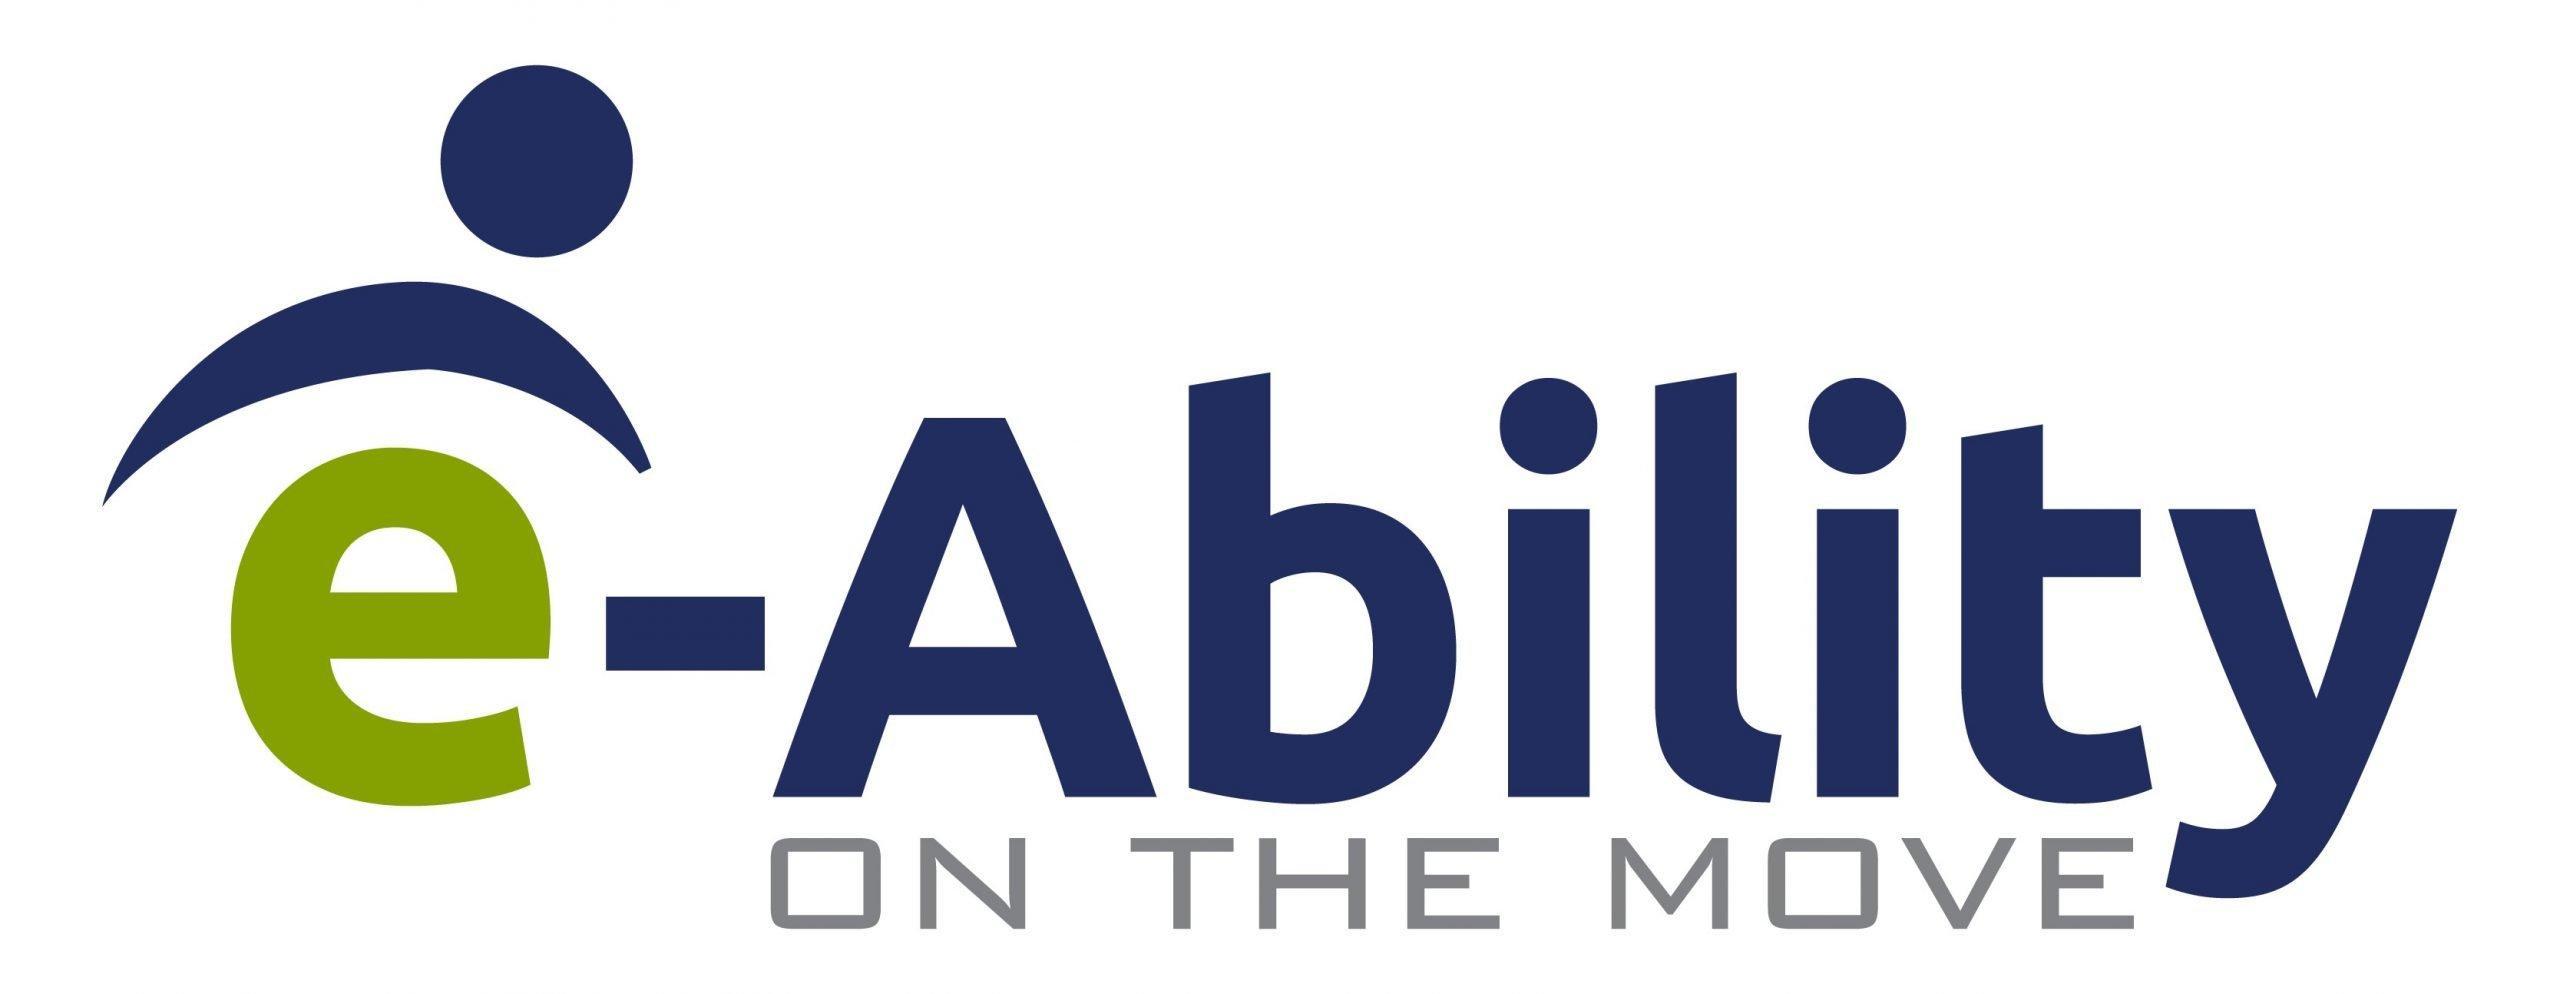 e-Ability